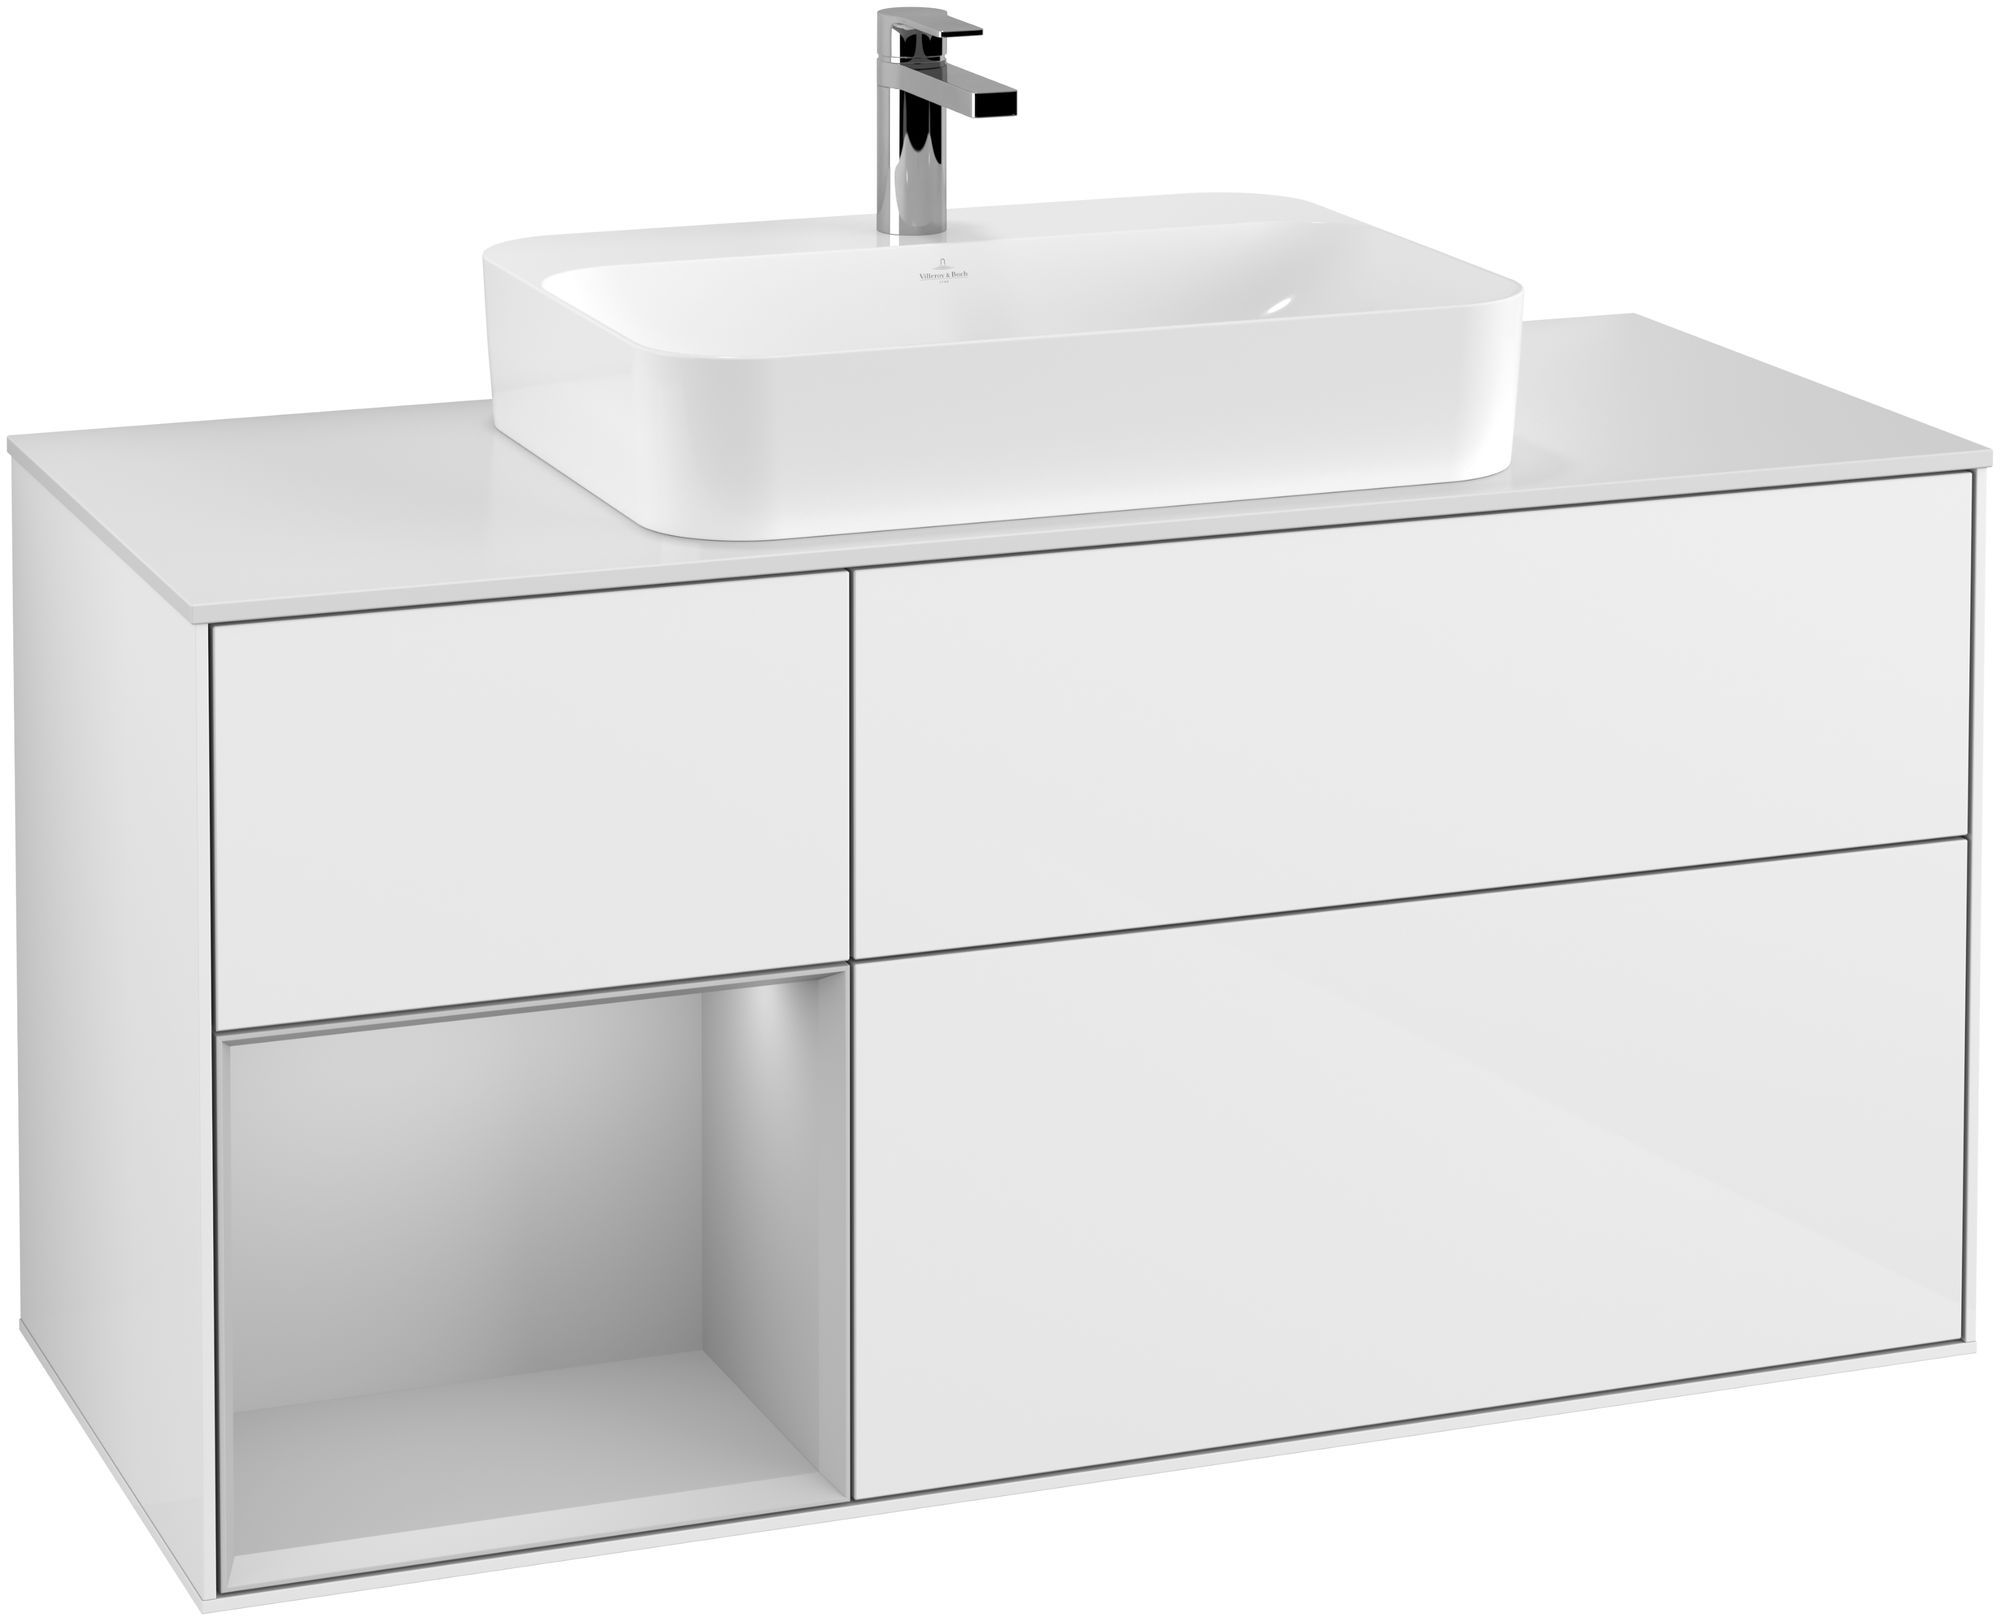 Villeroy & Boch Finion F41 Waschtischunterschrank mit Regalelement 3 Auszüge für WT mittig LED-Beleuchtung B:120xH:60,3xT:50,1cm Front, Korpus: Glossy White Lack, Regal: Light Grey Matt, Glasplatte: White Matt F411GJGF